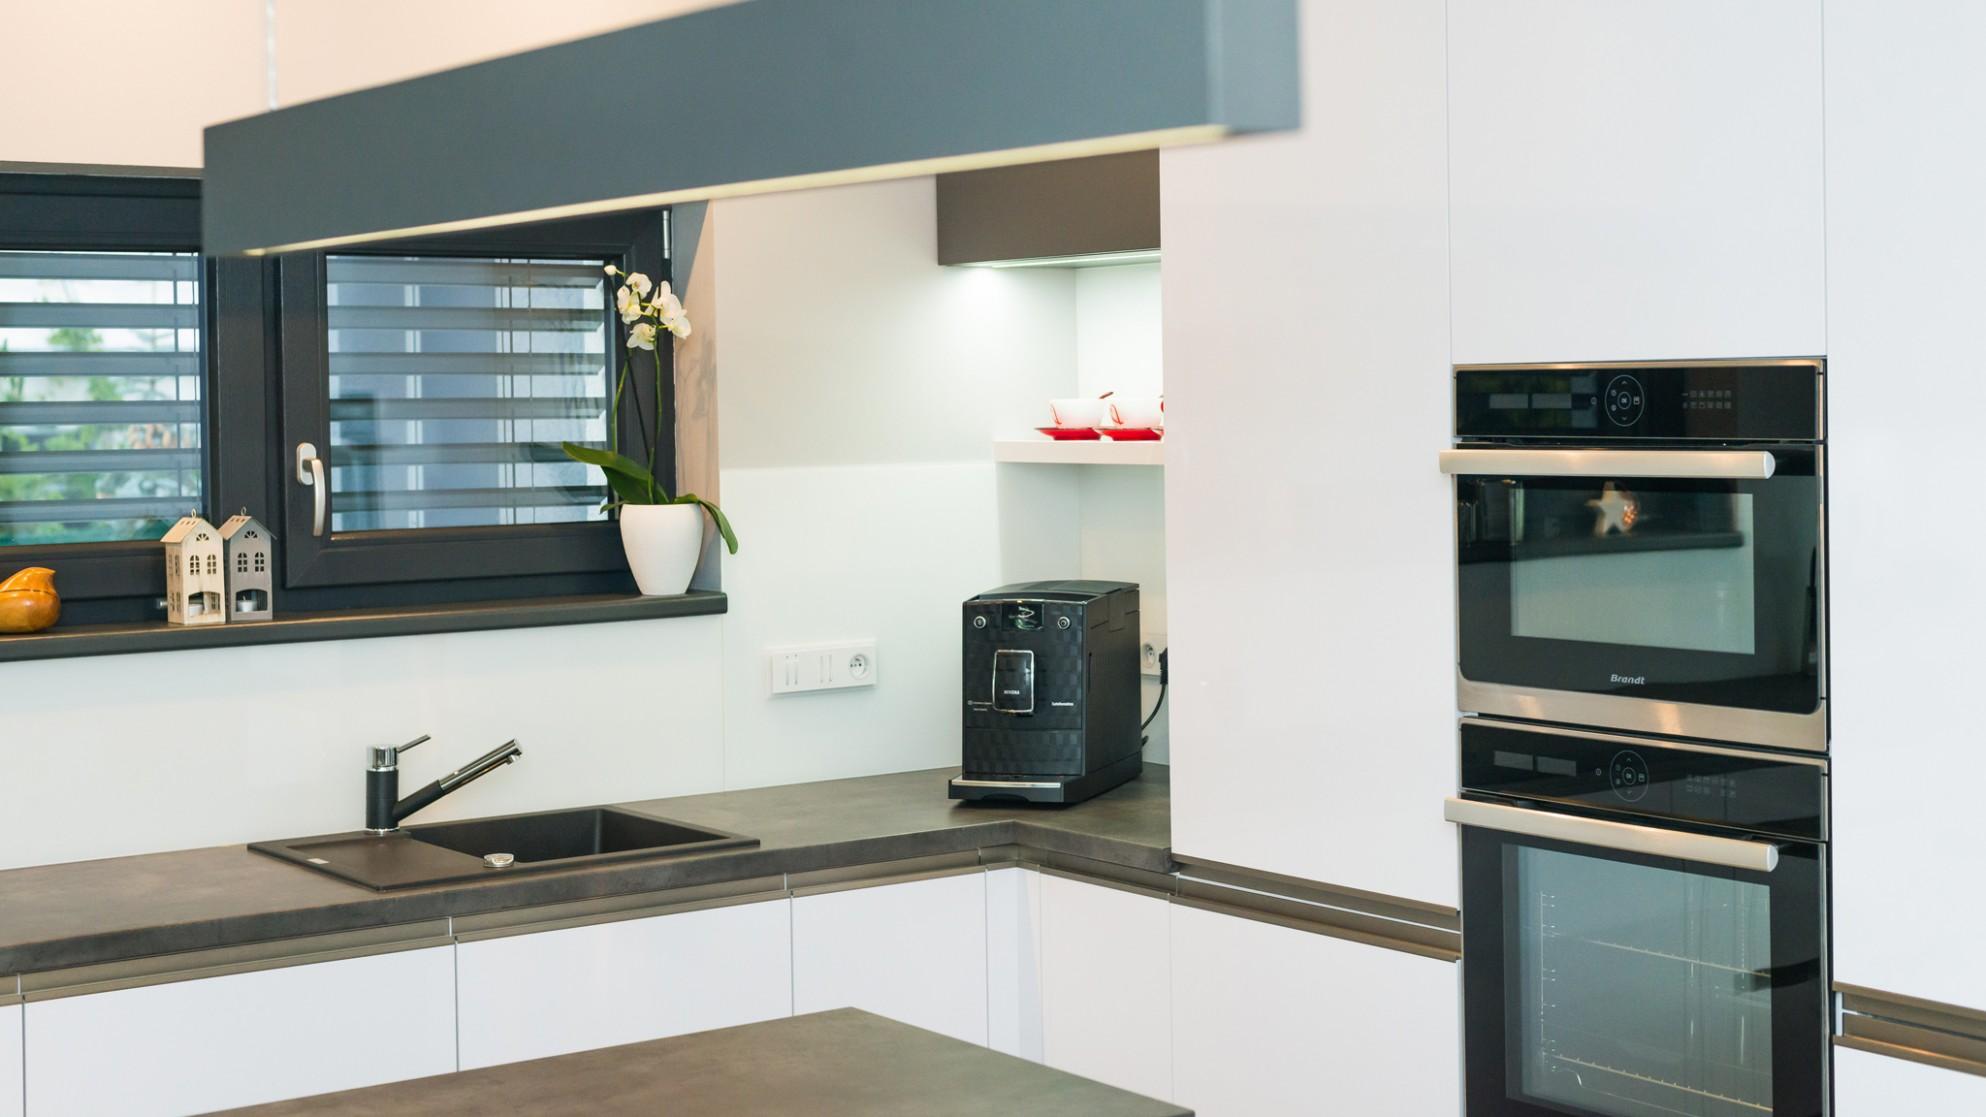 Moderní kuchyně na míru mění podstatu, jsou prostornější a útulnější